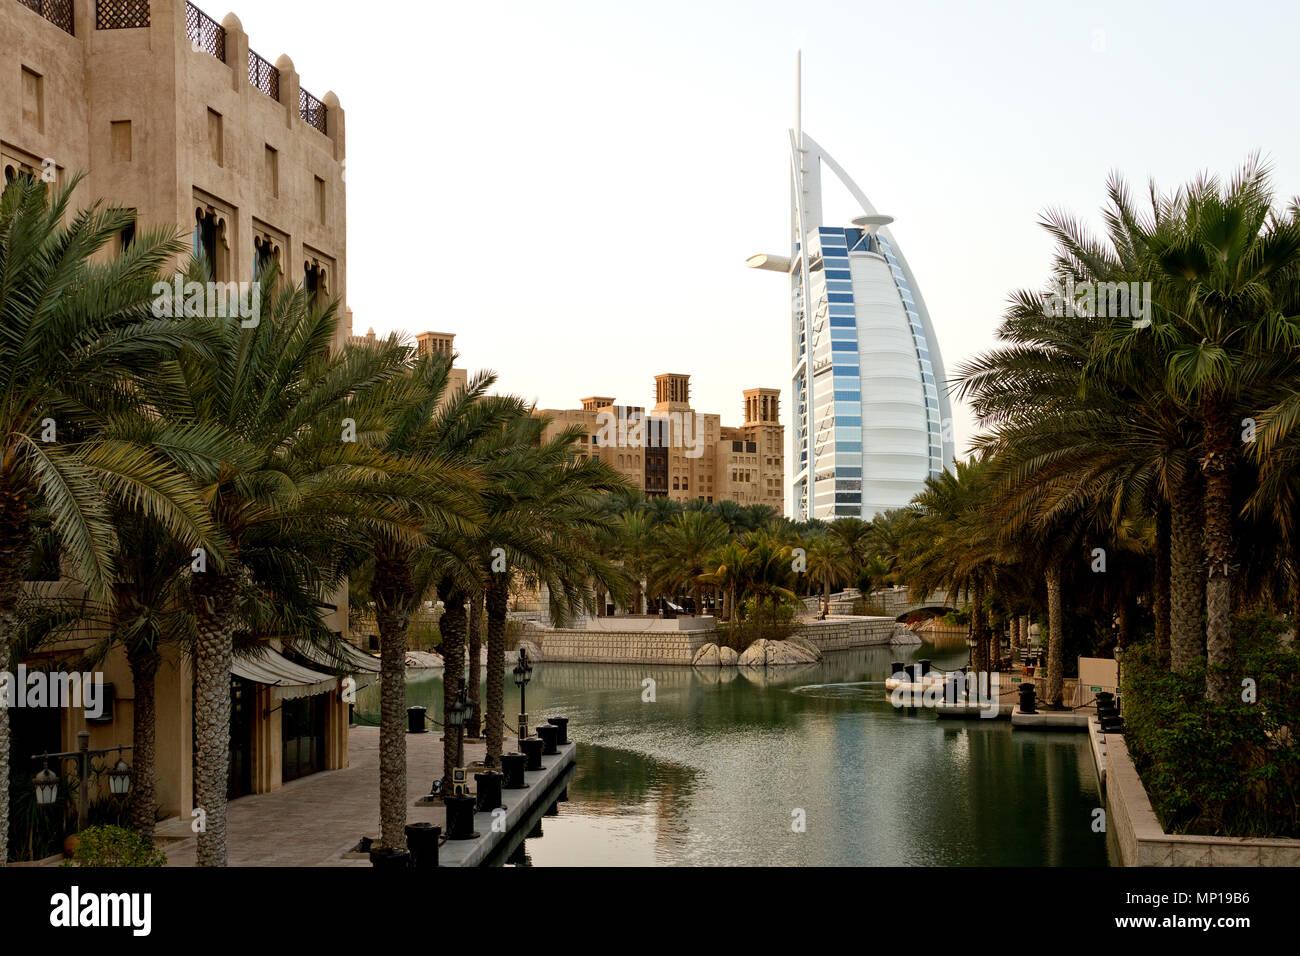 Dubai - Burj al Arab. - Stock Image